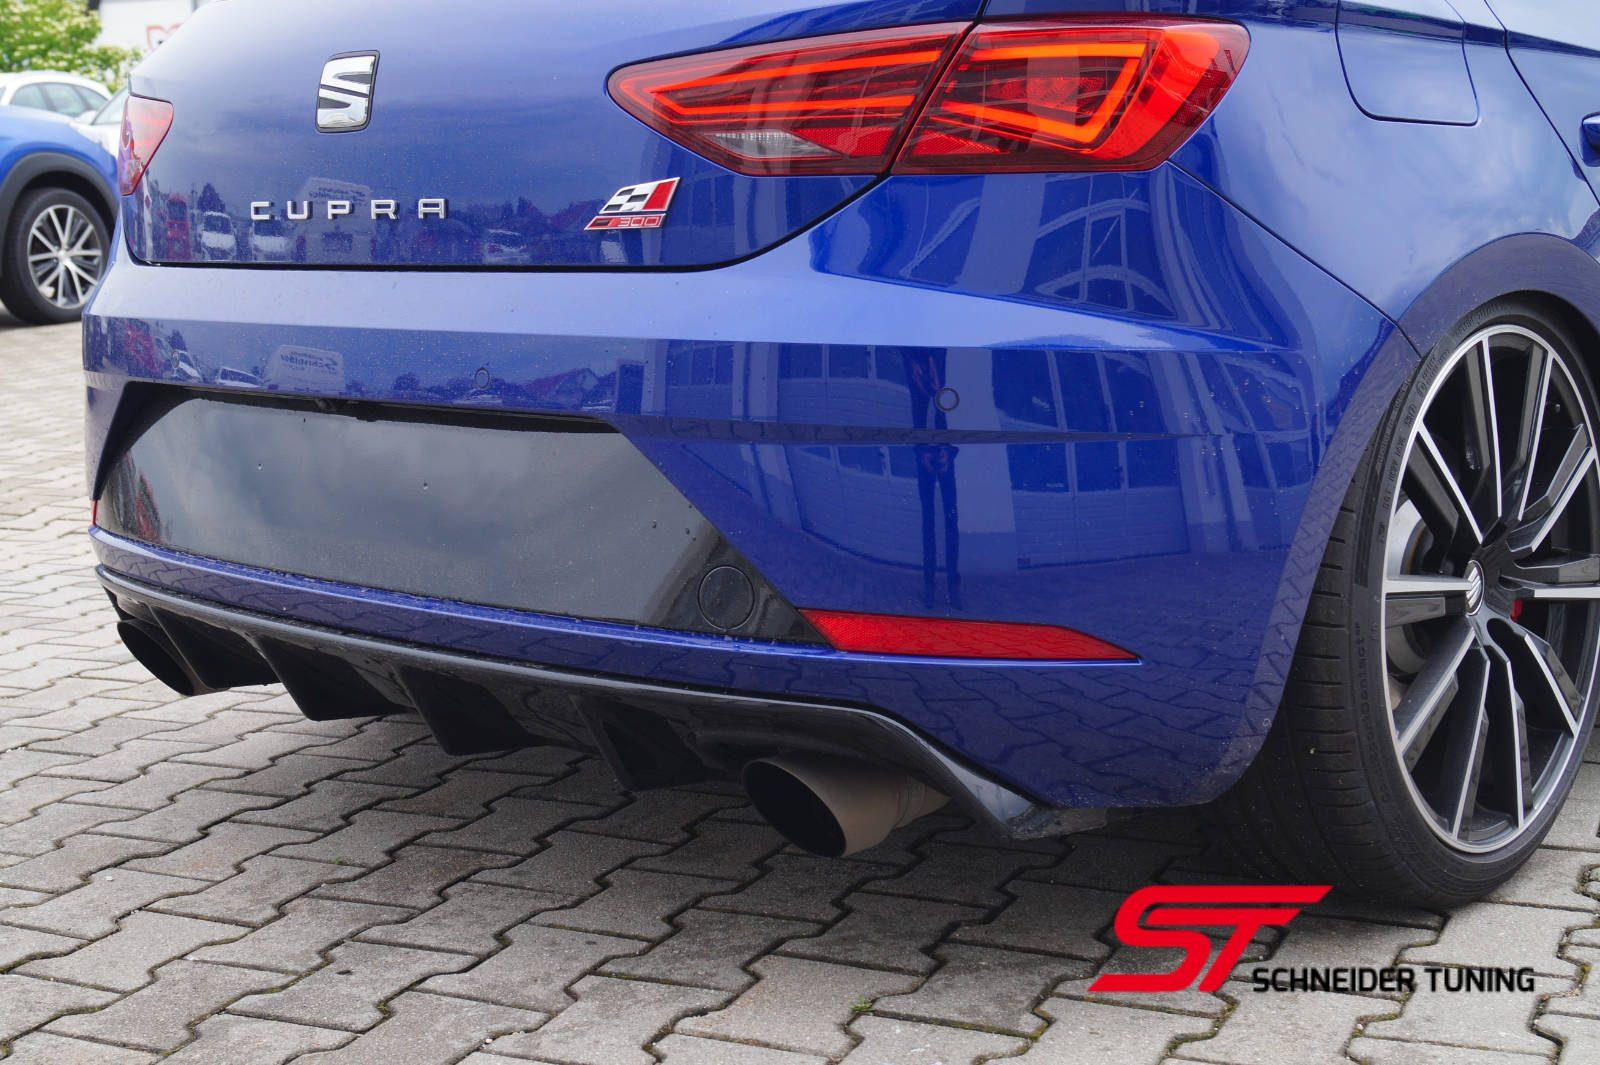 Leon-Cupra-blau-hinten-auspuff